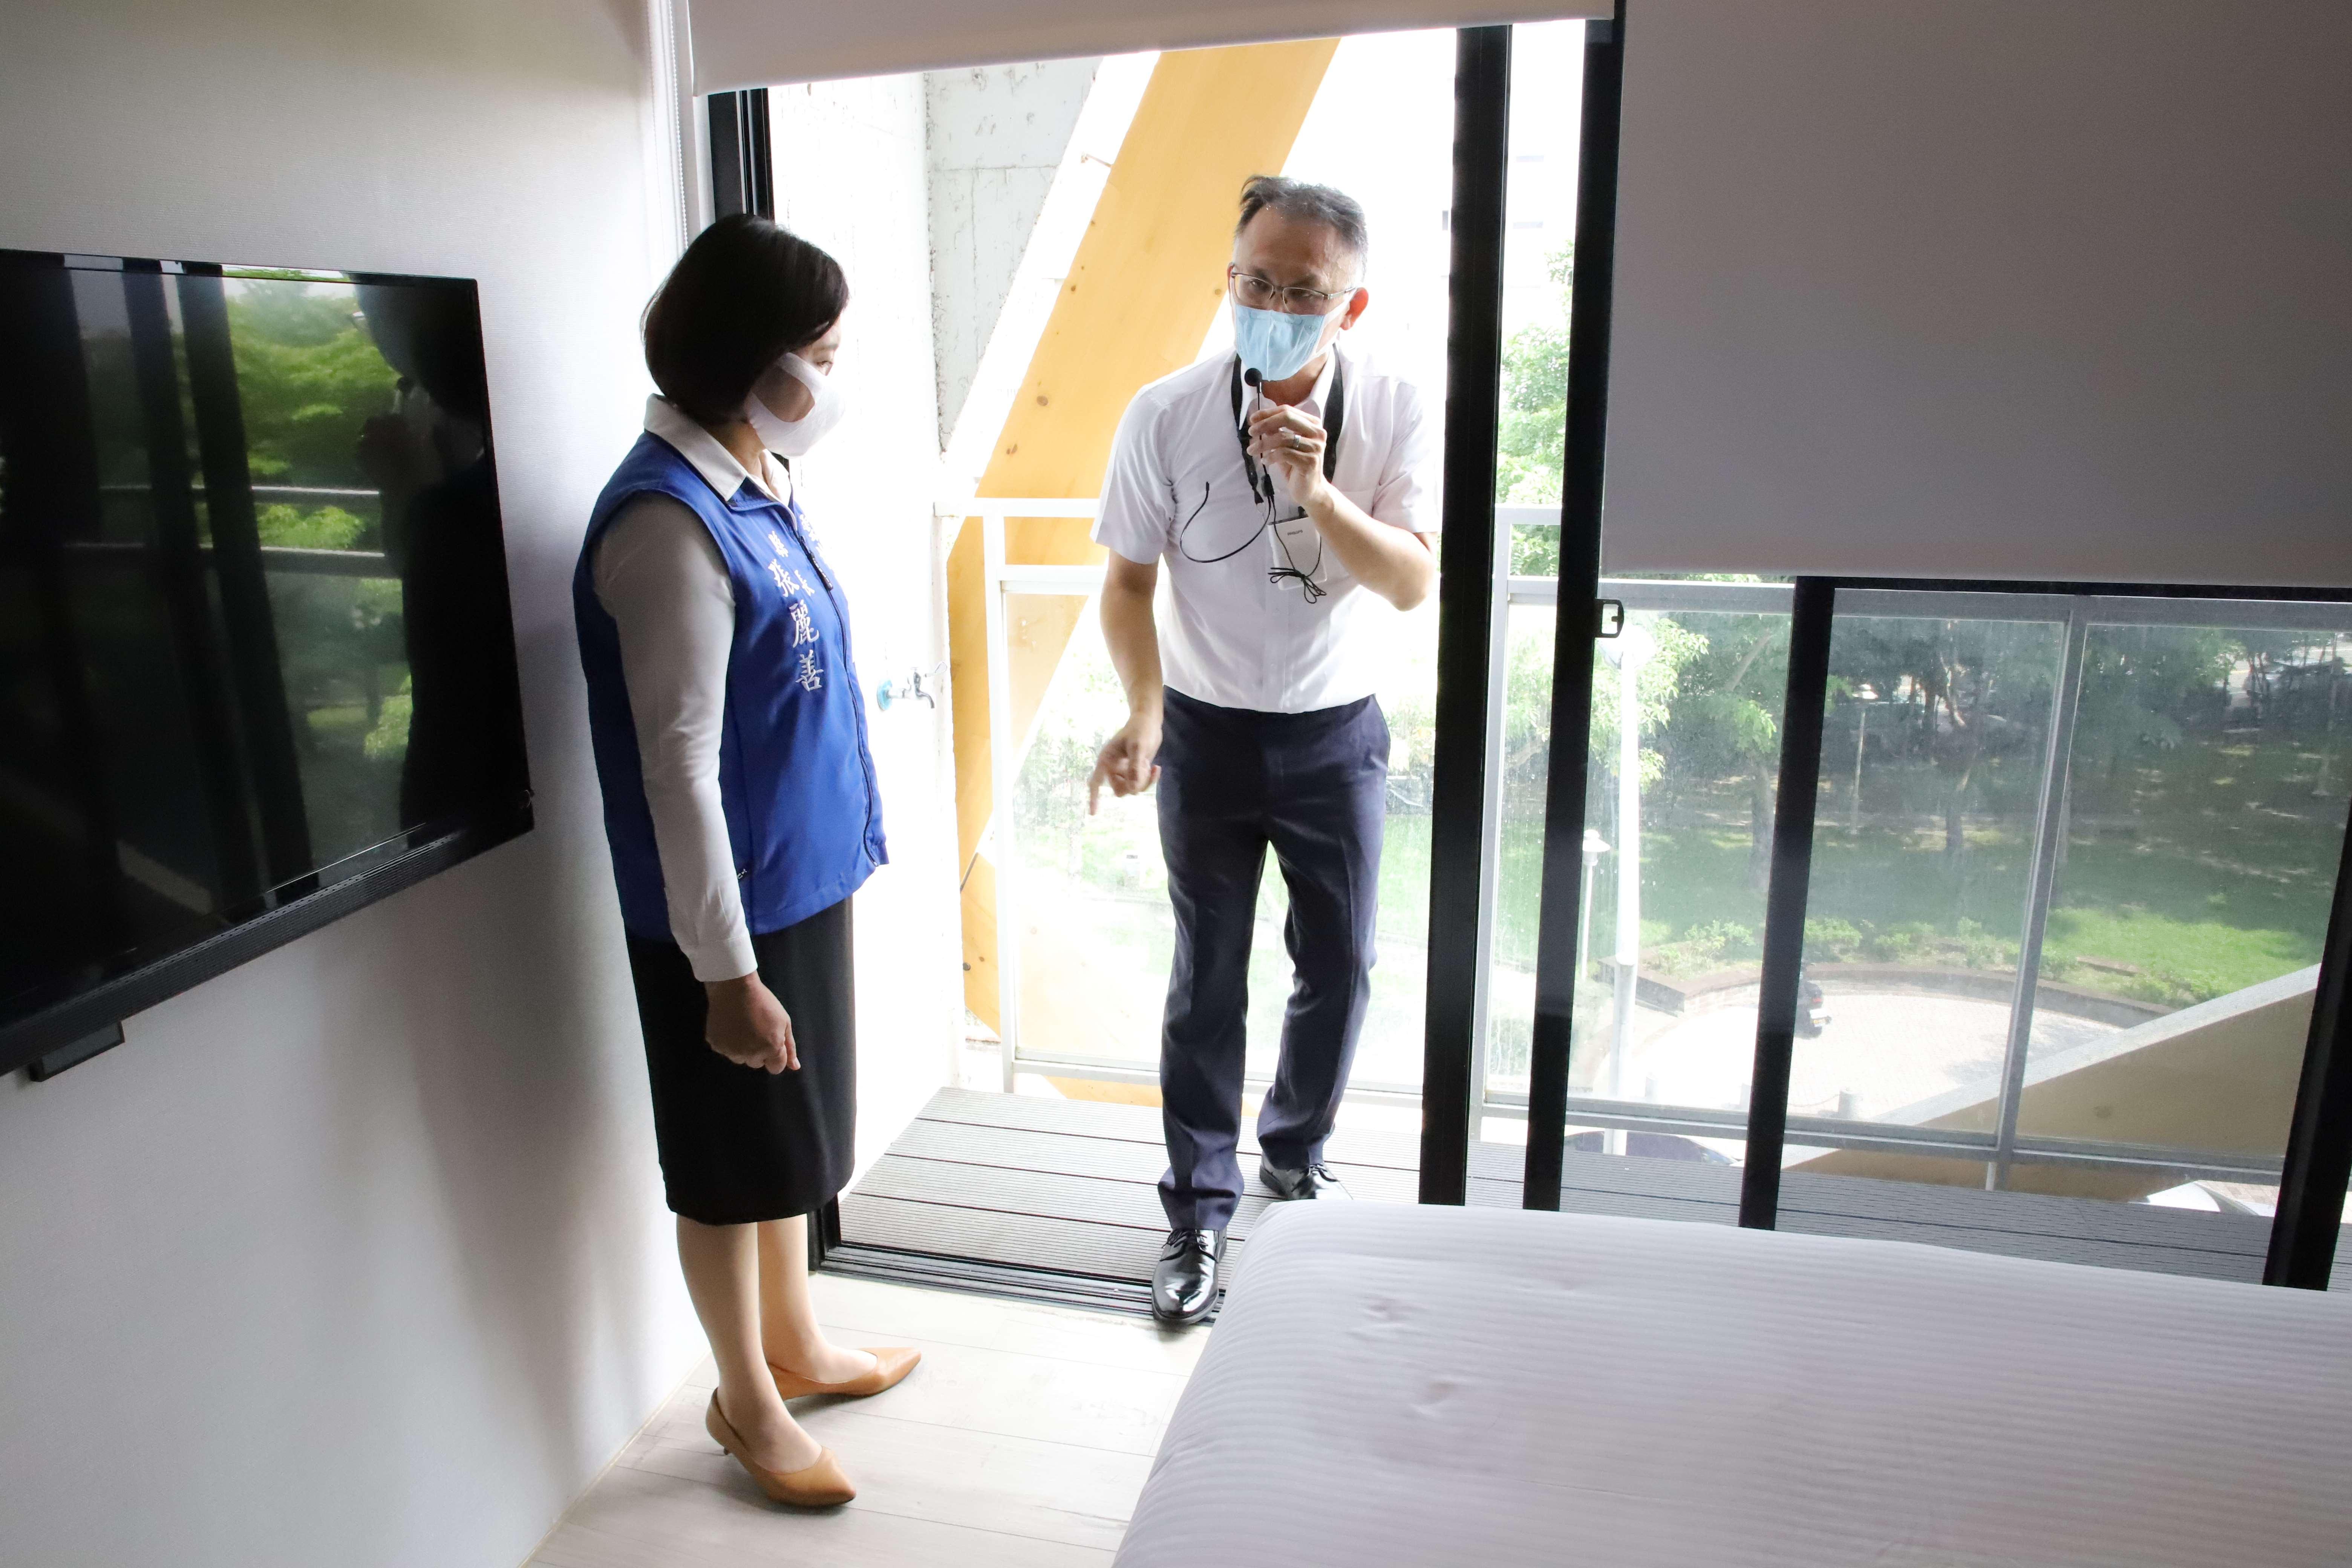 合勤健康宅全棟採無障礙設計,落地窗框與地板等高,讓長者可暢行無阻。